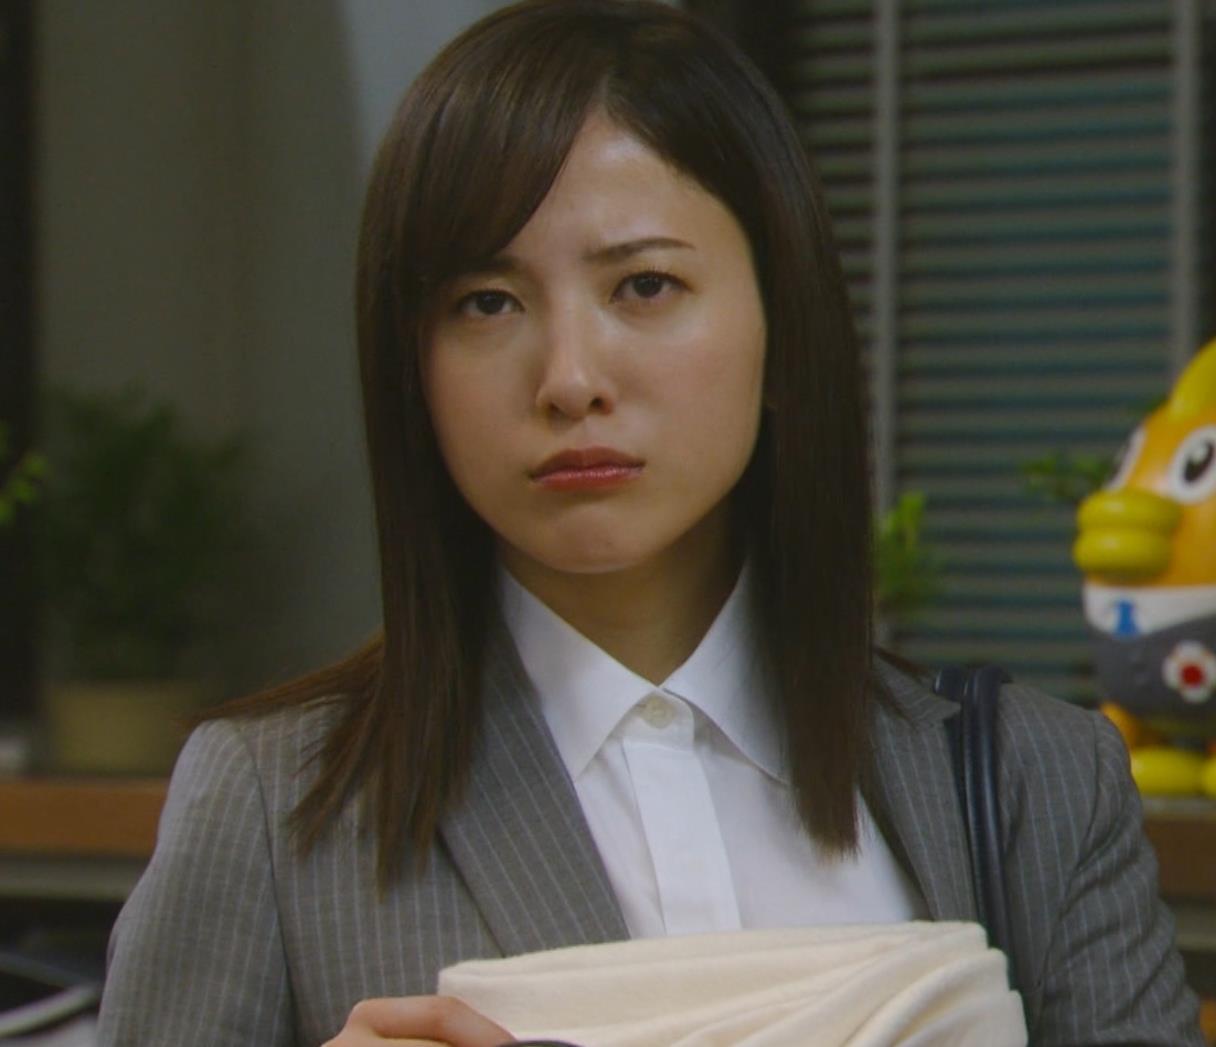 吉高由里子 おっぱいがエロい寝方と濃厚キスシーンキャプ・エロ画像7